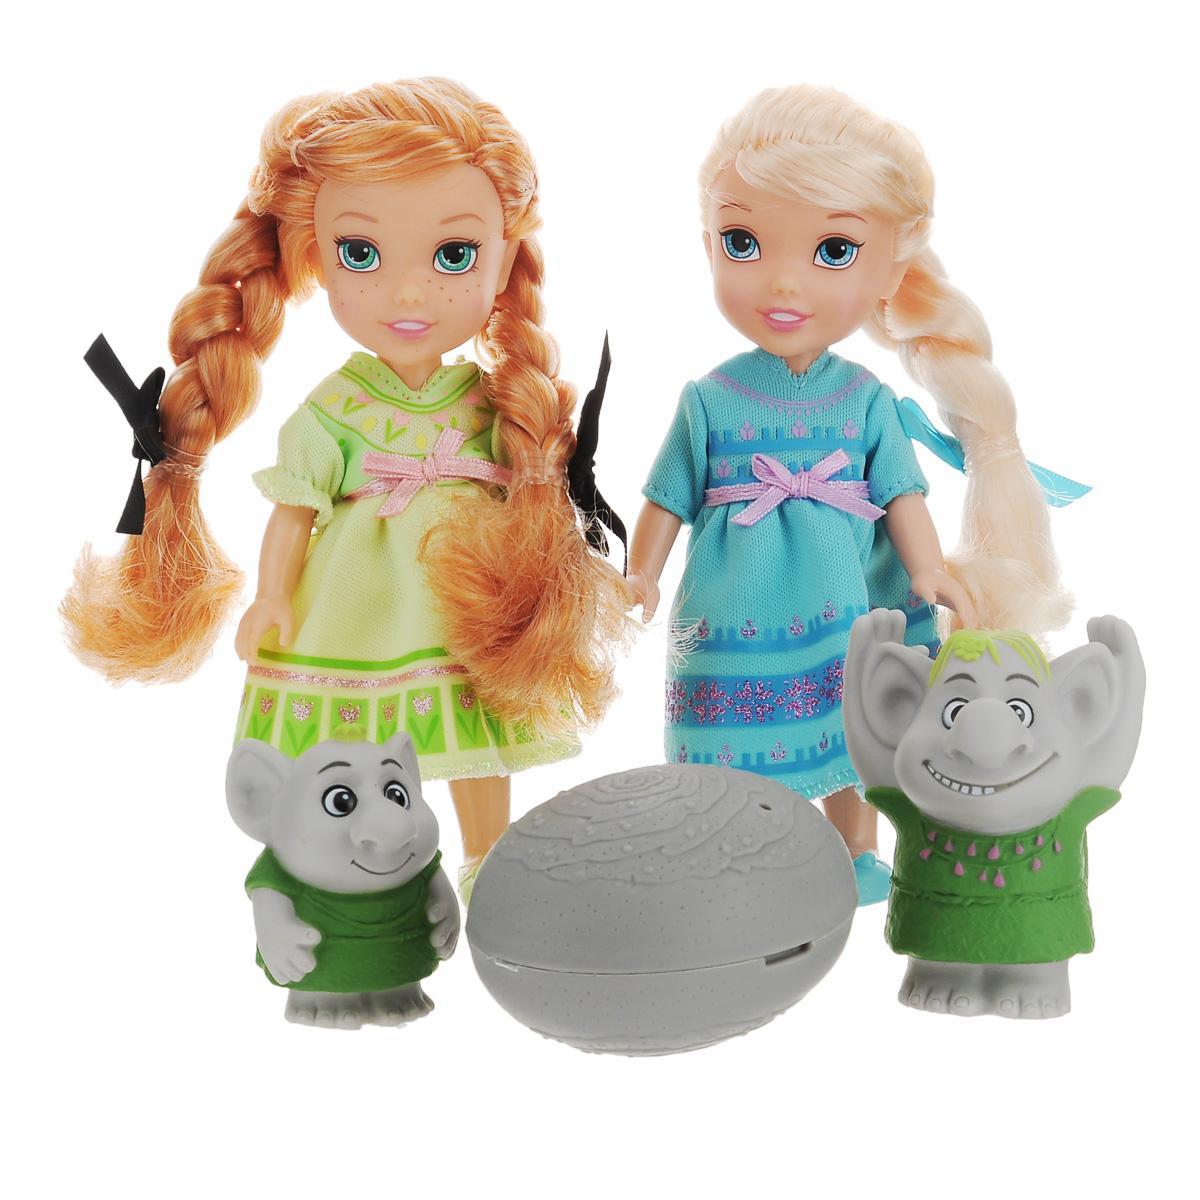 Disney Princess Игровой набор с мини-куклами Холодное Сердце. Эльза, Анна и тролли игровые наборы disney princess игровой набор моана в ассортименте